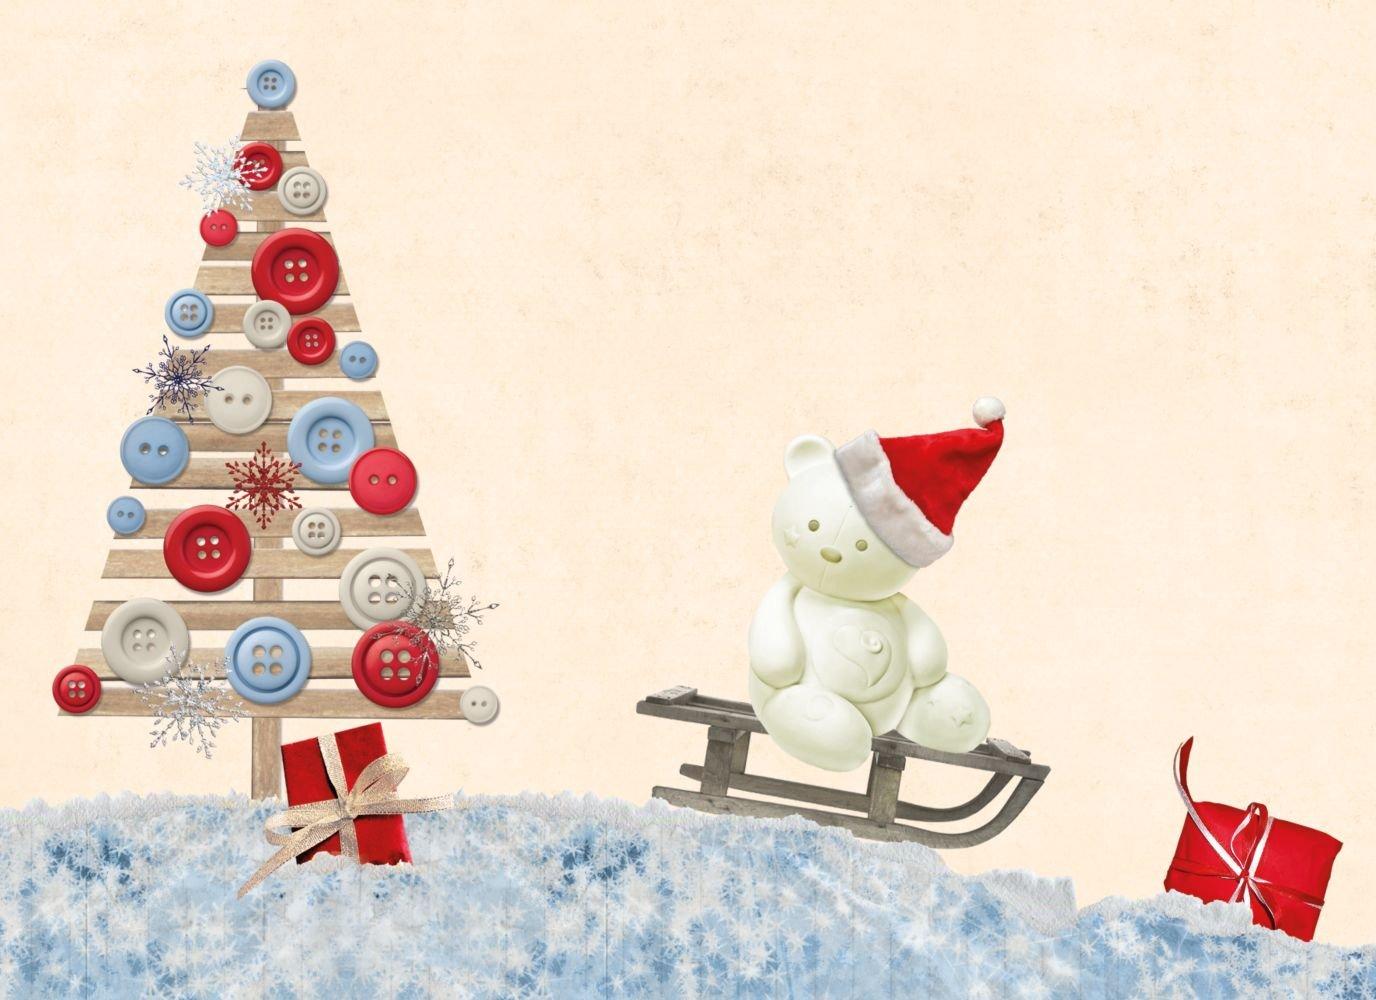 Kartenparadies Grußkarte Weihnachten Foto Grußkarte Grußkarte Grußkarte Schlittenfahrt, hochwertige Weihnachtsgrüße als Weihnachtskarte (Format  148x105 mm) Farbe  Beige B01NH57LFN | Schön geformt  | Zu einem niedrigeren Preis  | Modern Und Elegant  8e9a81